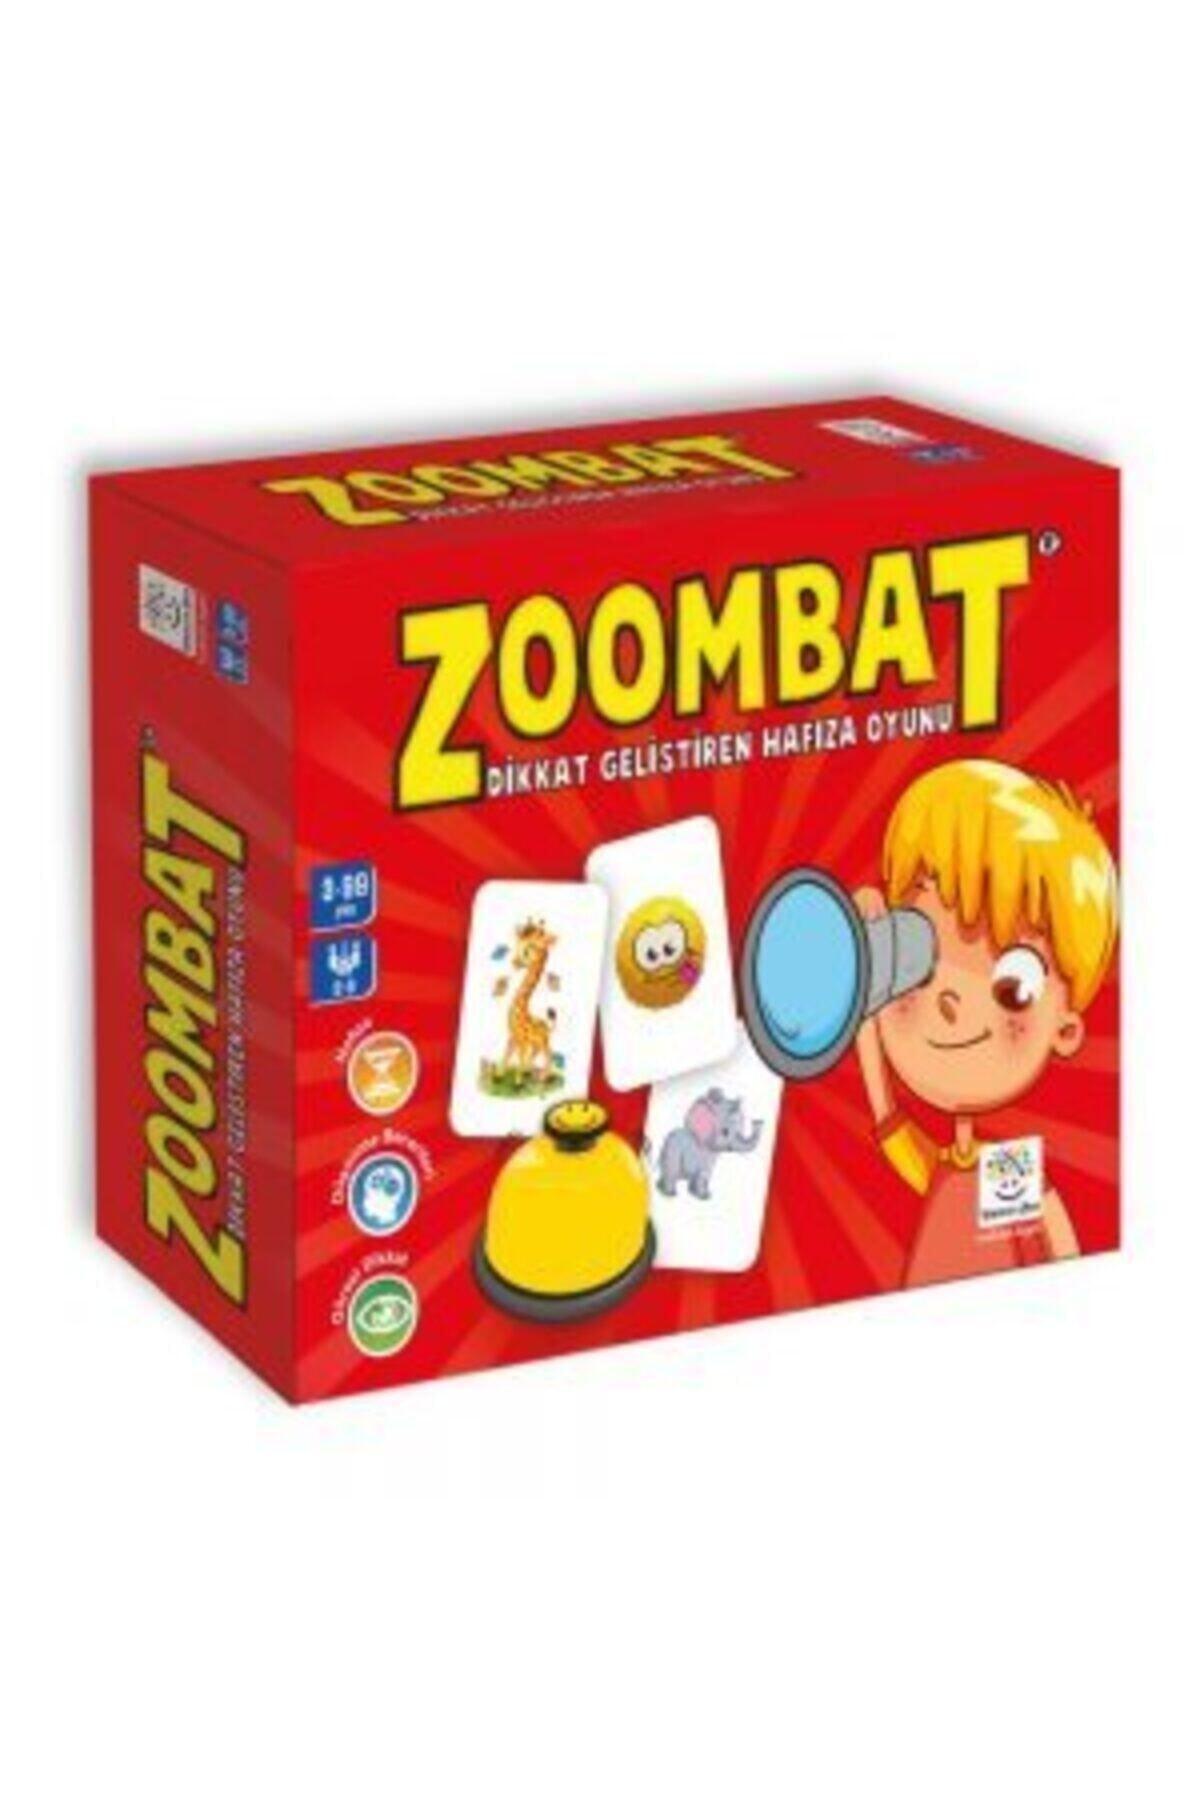 Yükselen Zeka Yayınları 3+ Yaş Zoombat (Dikkat Geliştiren Hafıza Oyunu) 1